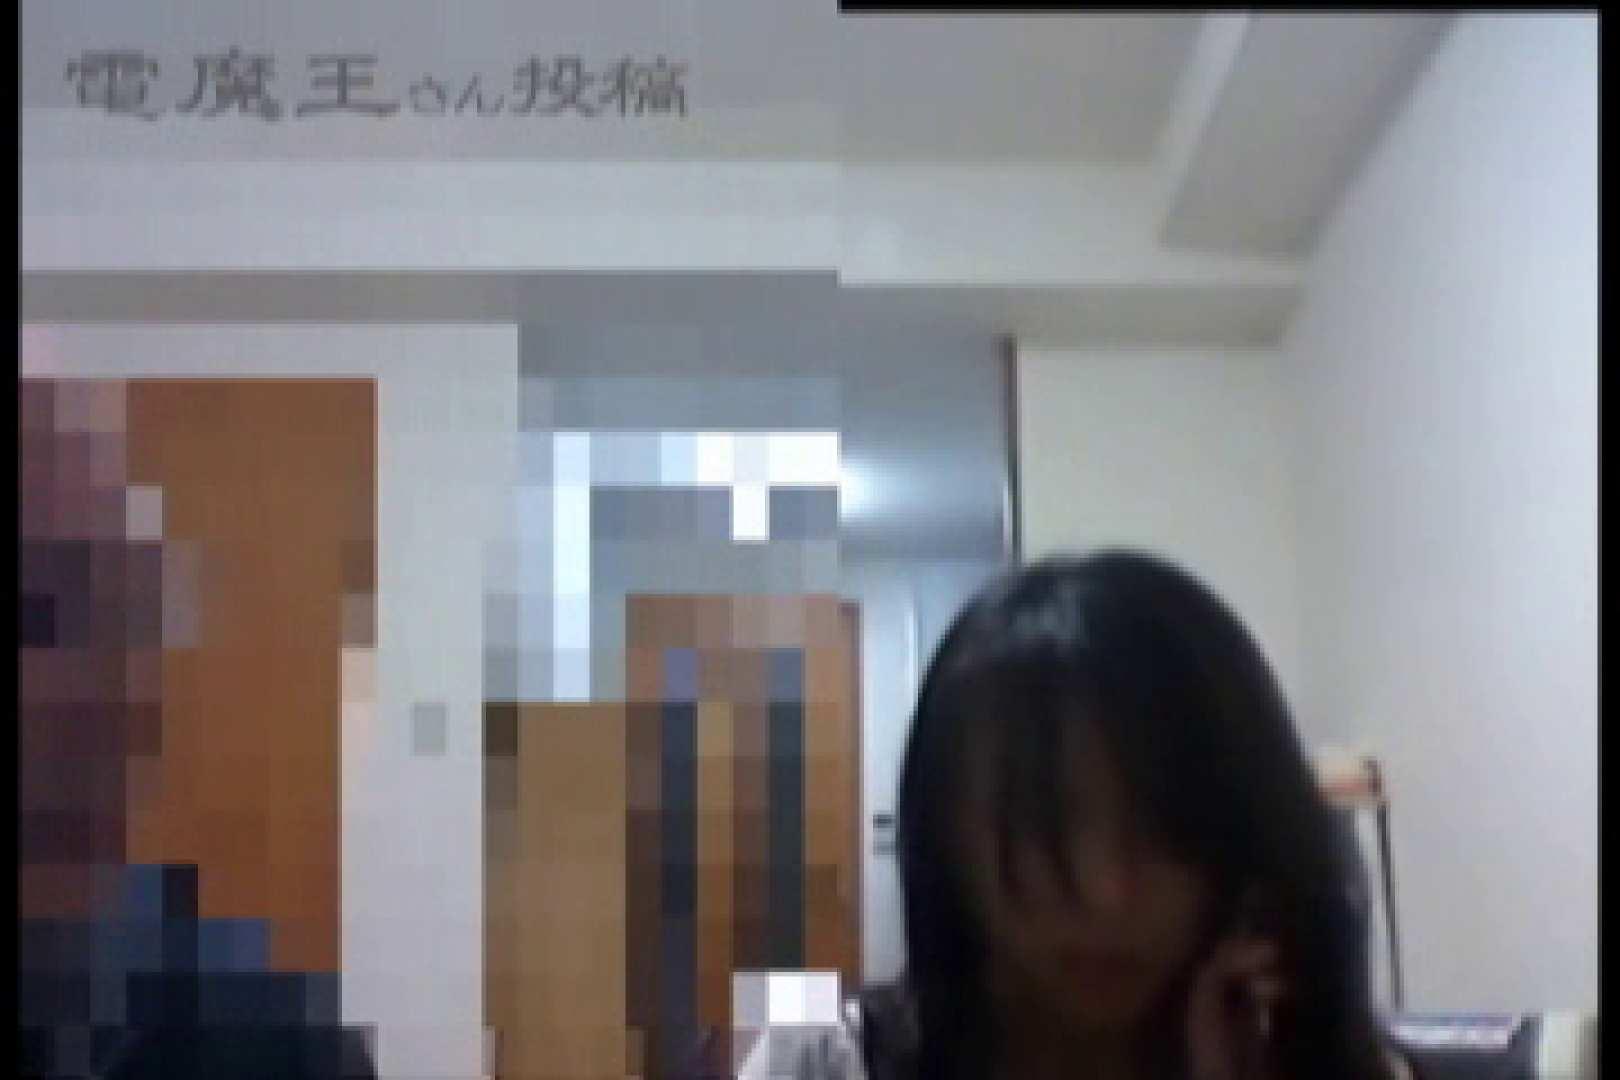 電魔王さんの「隠撮の部屋」ミーナ 隠撮  106pic 28